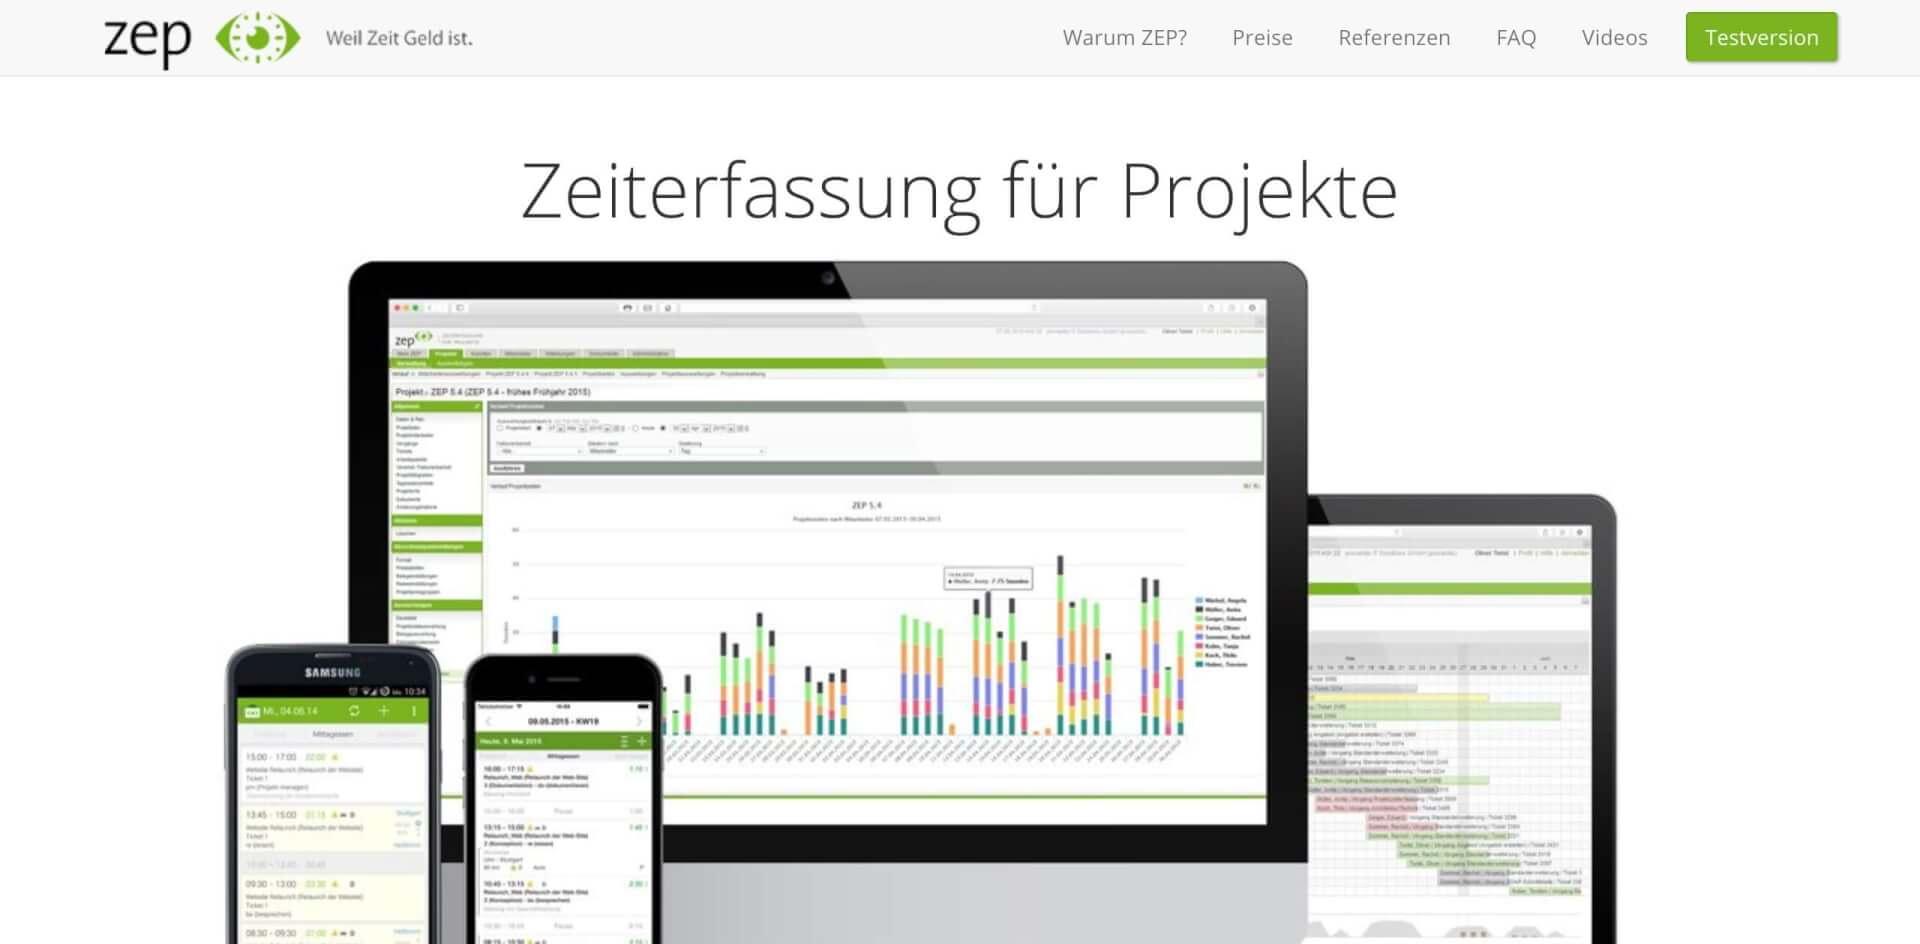 Projektzeiterfassung ZEP ZeitErfassung fuer Projekte 1